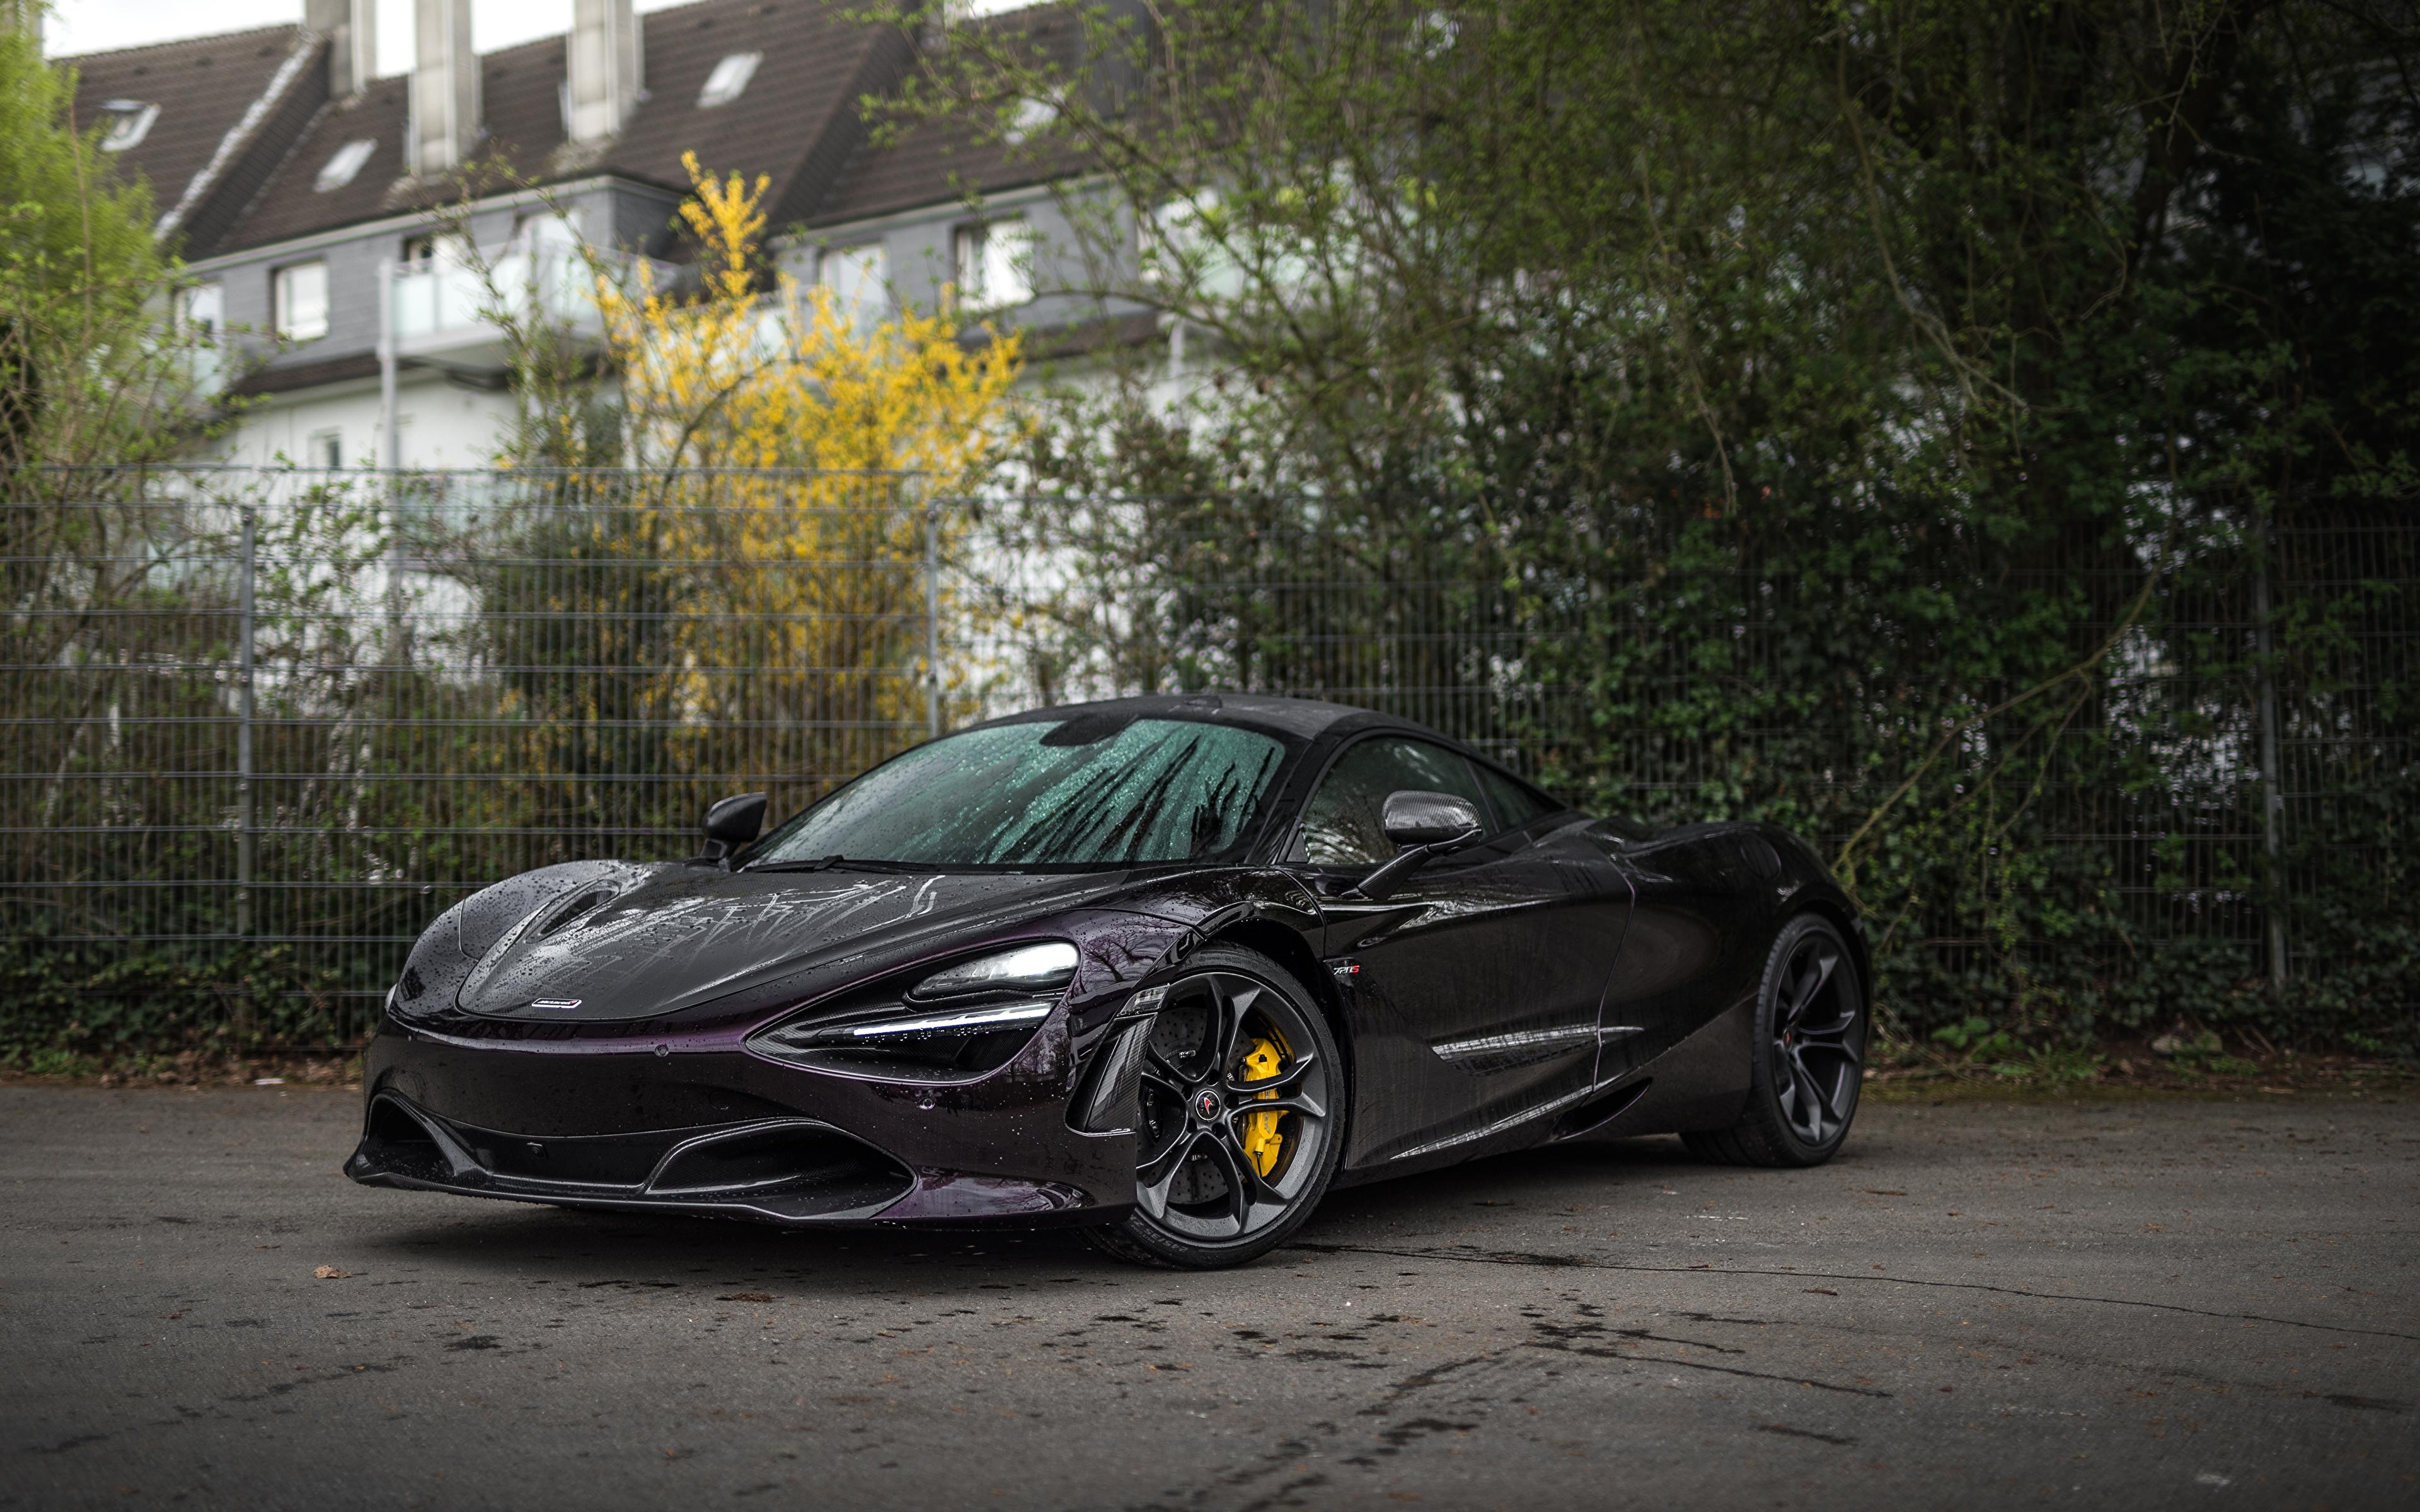 Фотография 2018-20 Manhart McLaren 720S Черный машина Металлик 3840x2400 Макларен черная черные черных авто машины Автомобили автомобиль